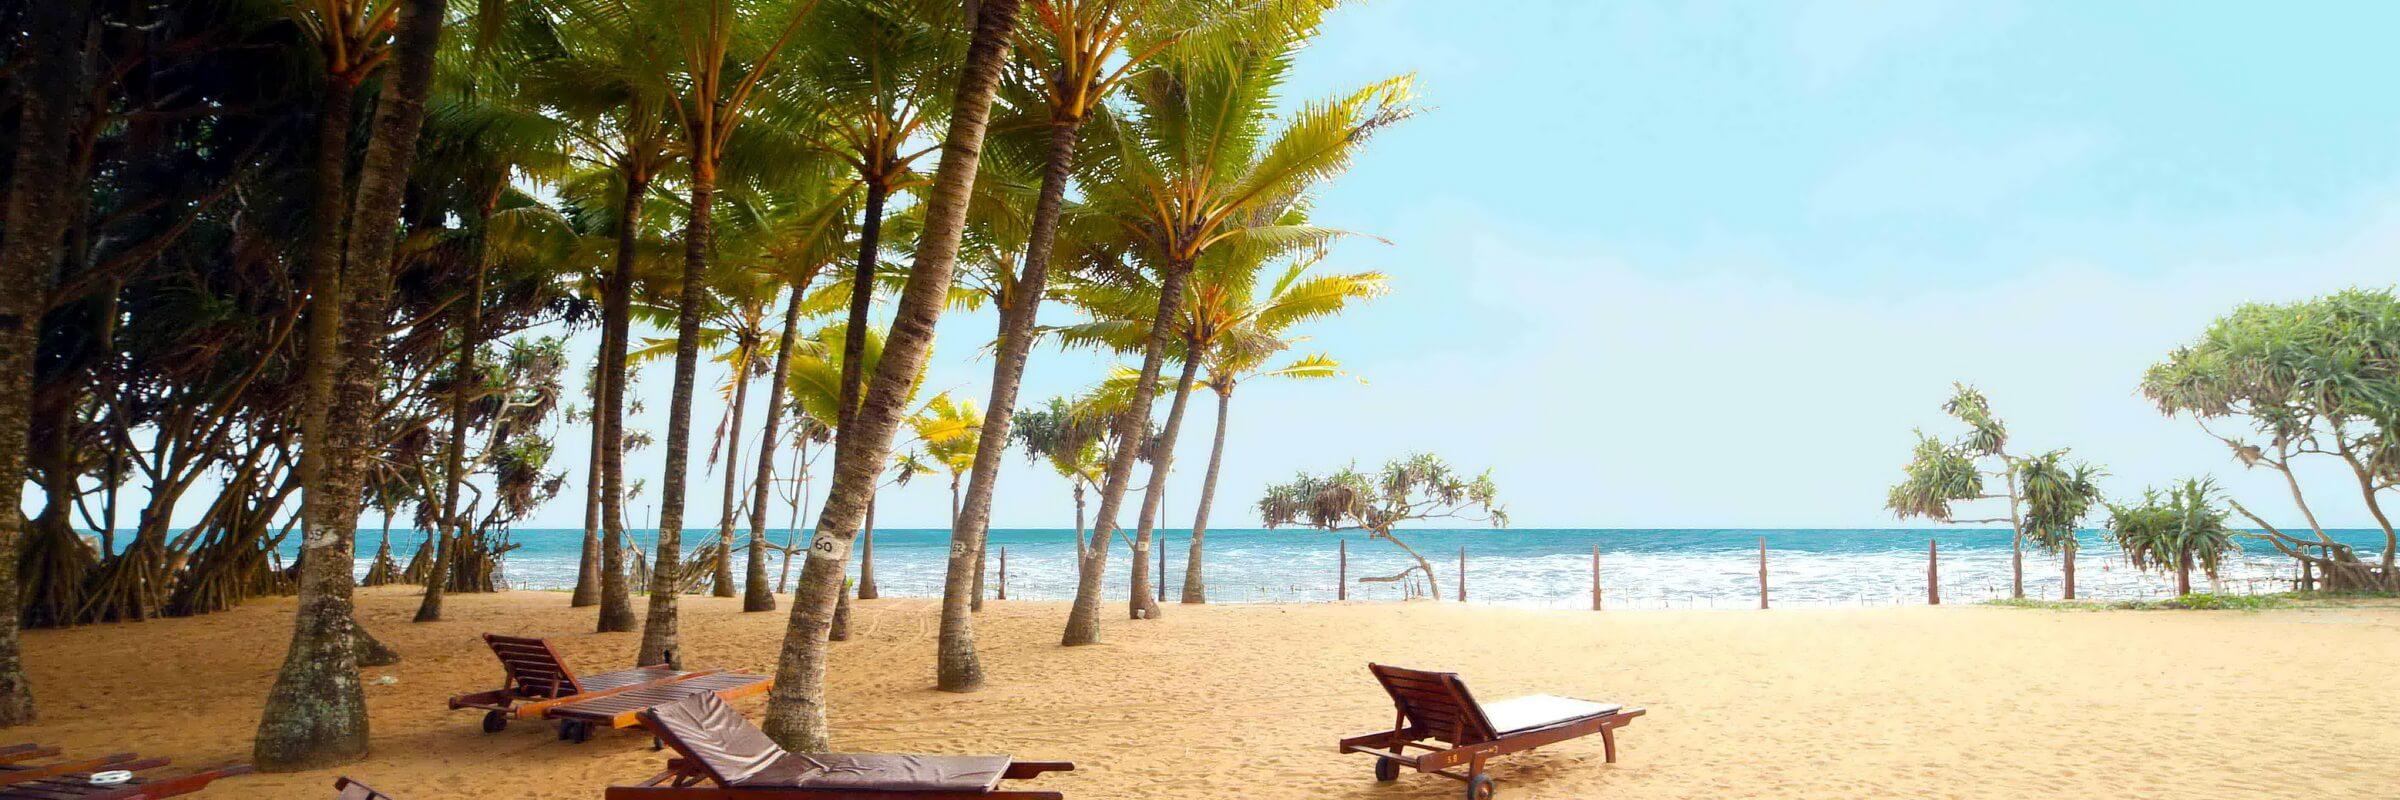 Der weitläufige Strand am Siddhalepa Ayurveda Health Resort Sri Lanka läd zum Entspannen ein